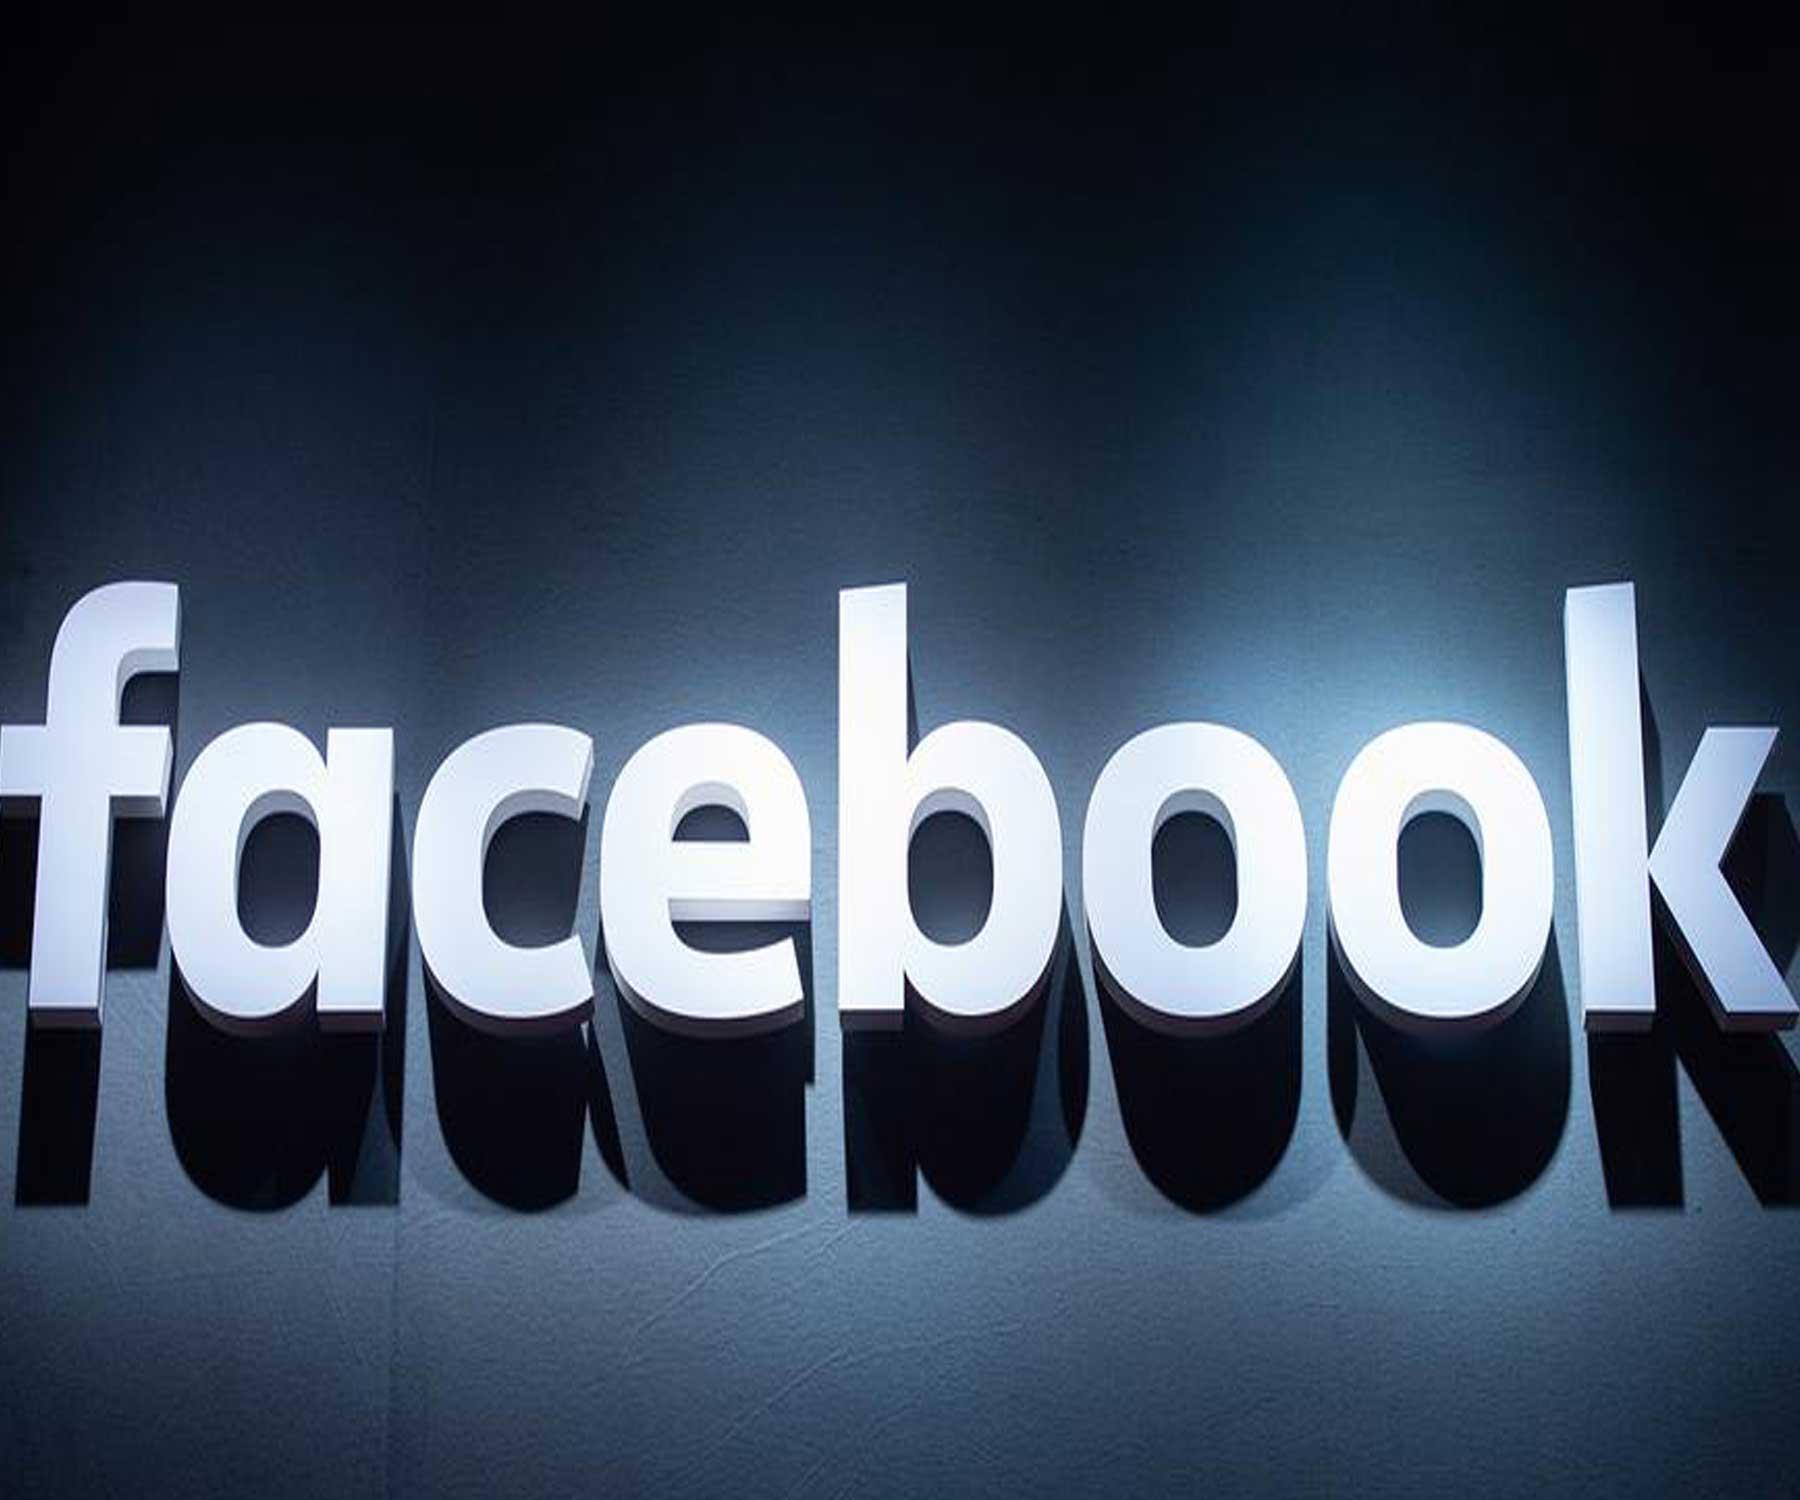 ඩොරල් ට්රිලියනය ඉක්ම වූ සමාගම් ලැයිස්තුවට Facebook ඇතුලත් වෙයි